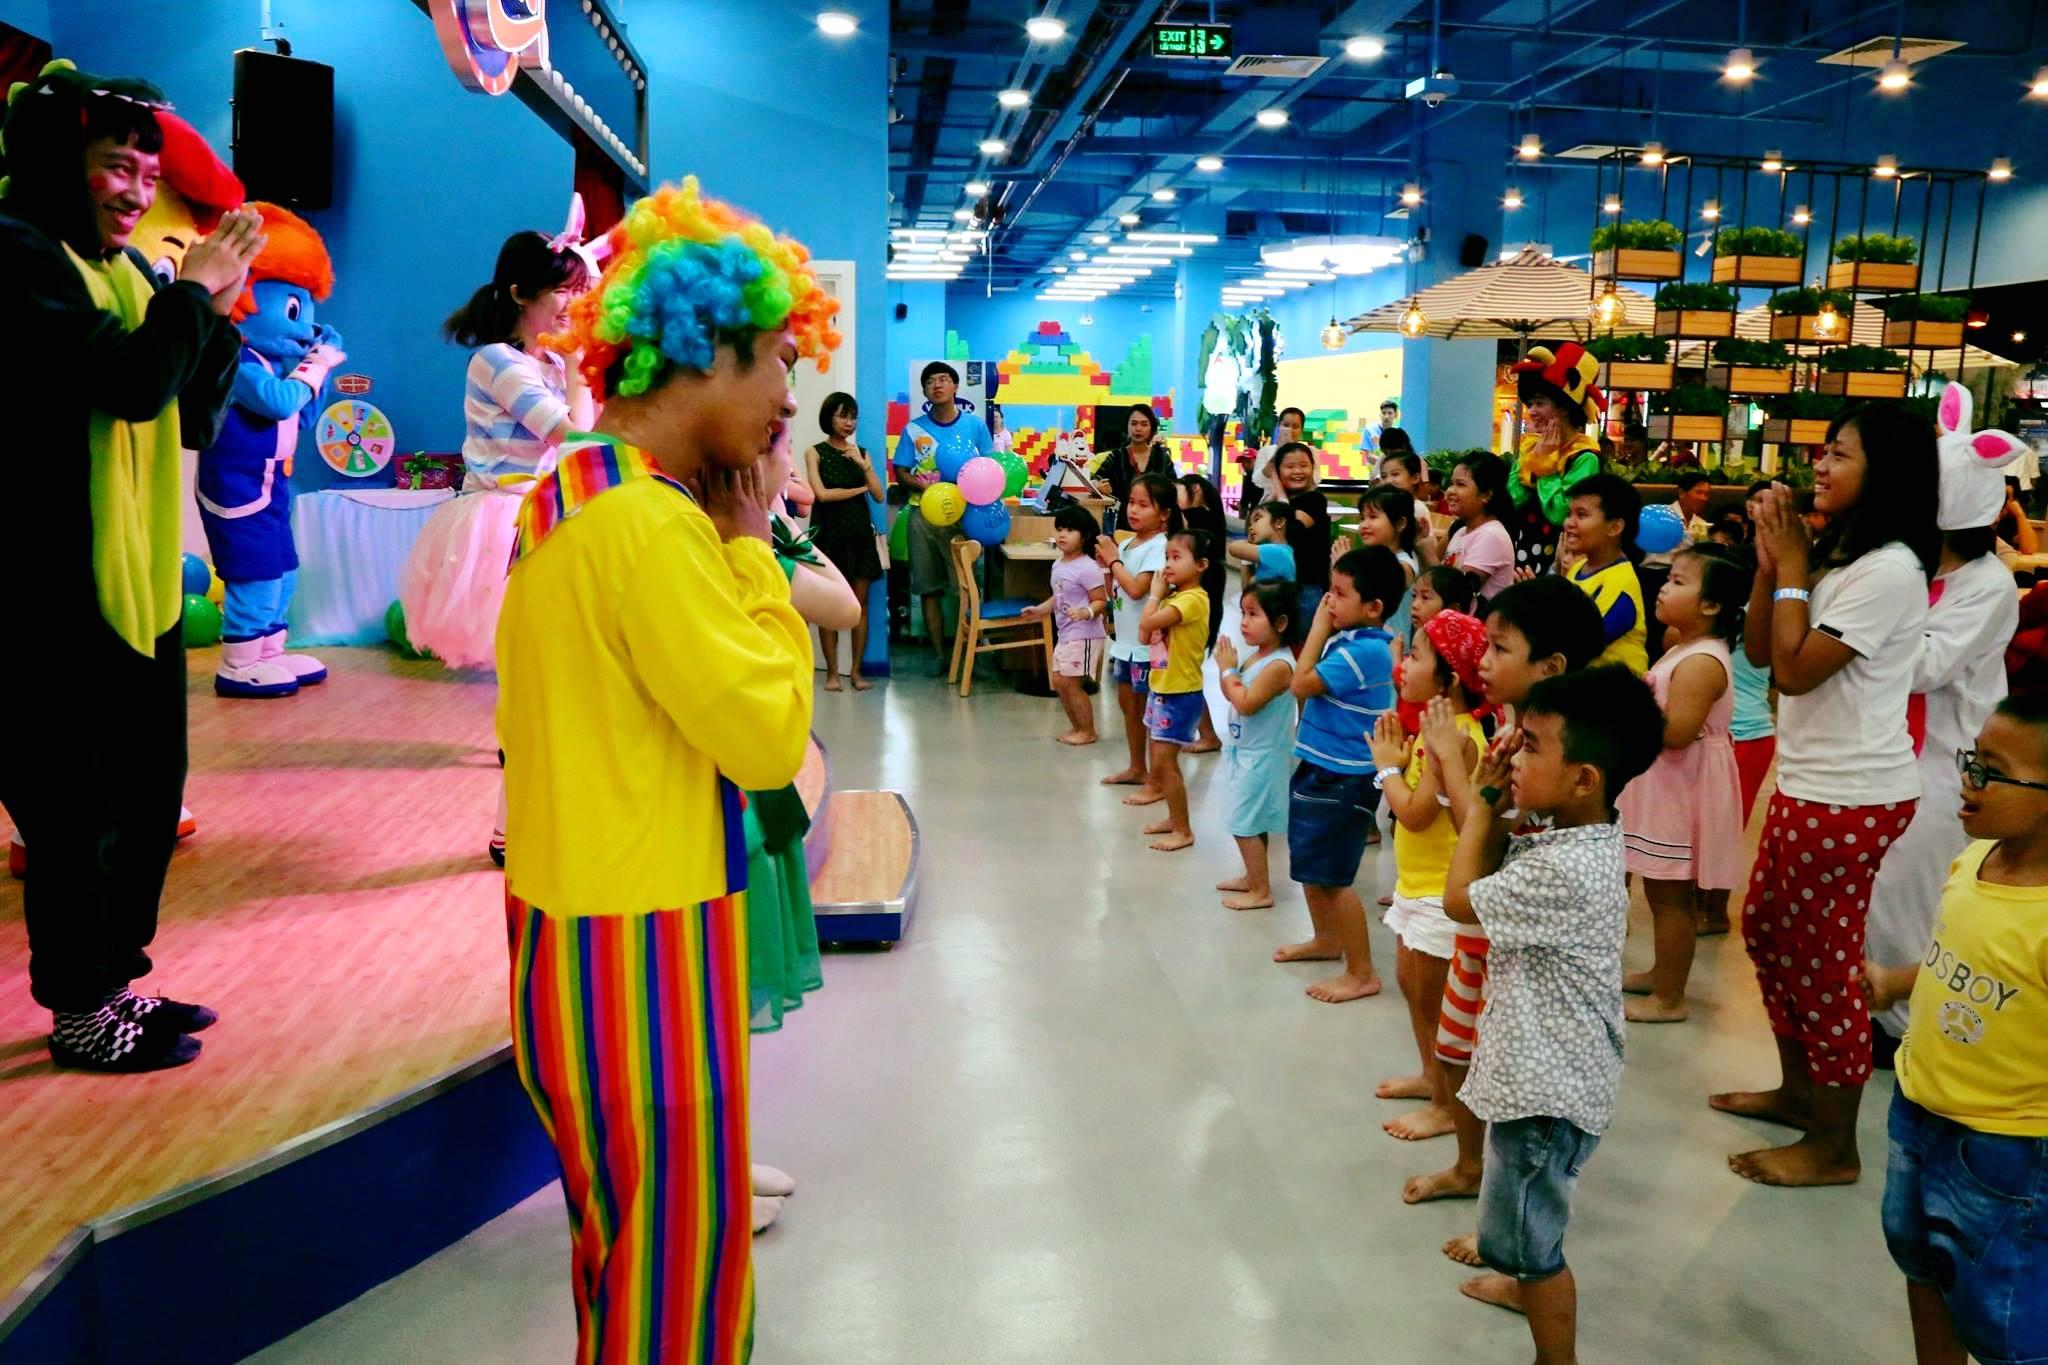 Hệ Thống tiNiWord - Khu Vui Chơi Giải Trí Dành Cho Trẻ Em Hàng Đầu Tại Việt Nam